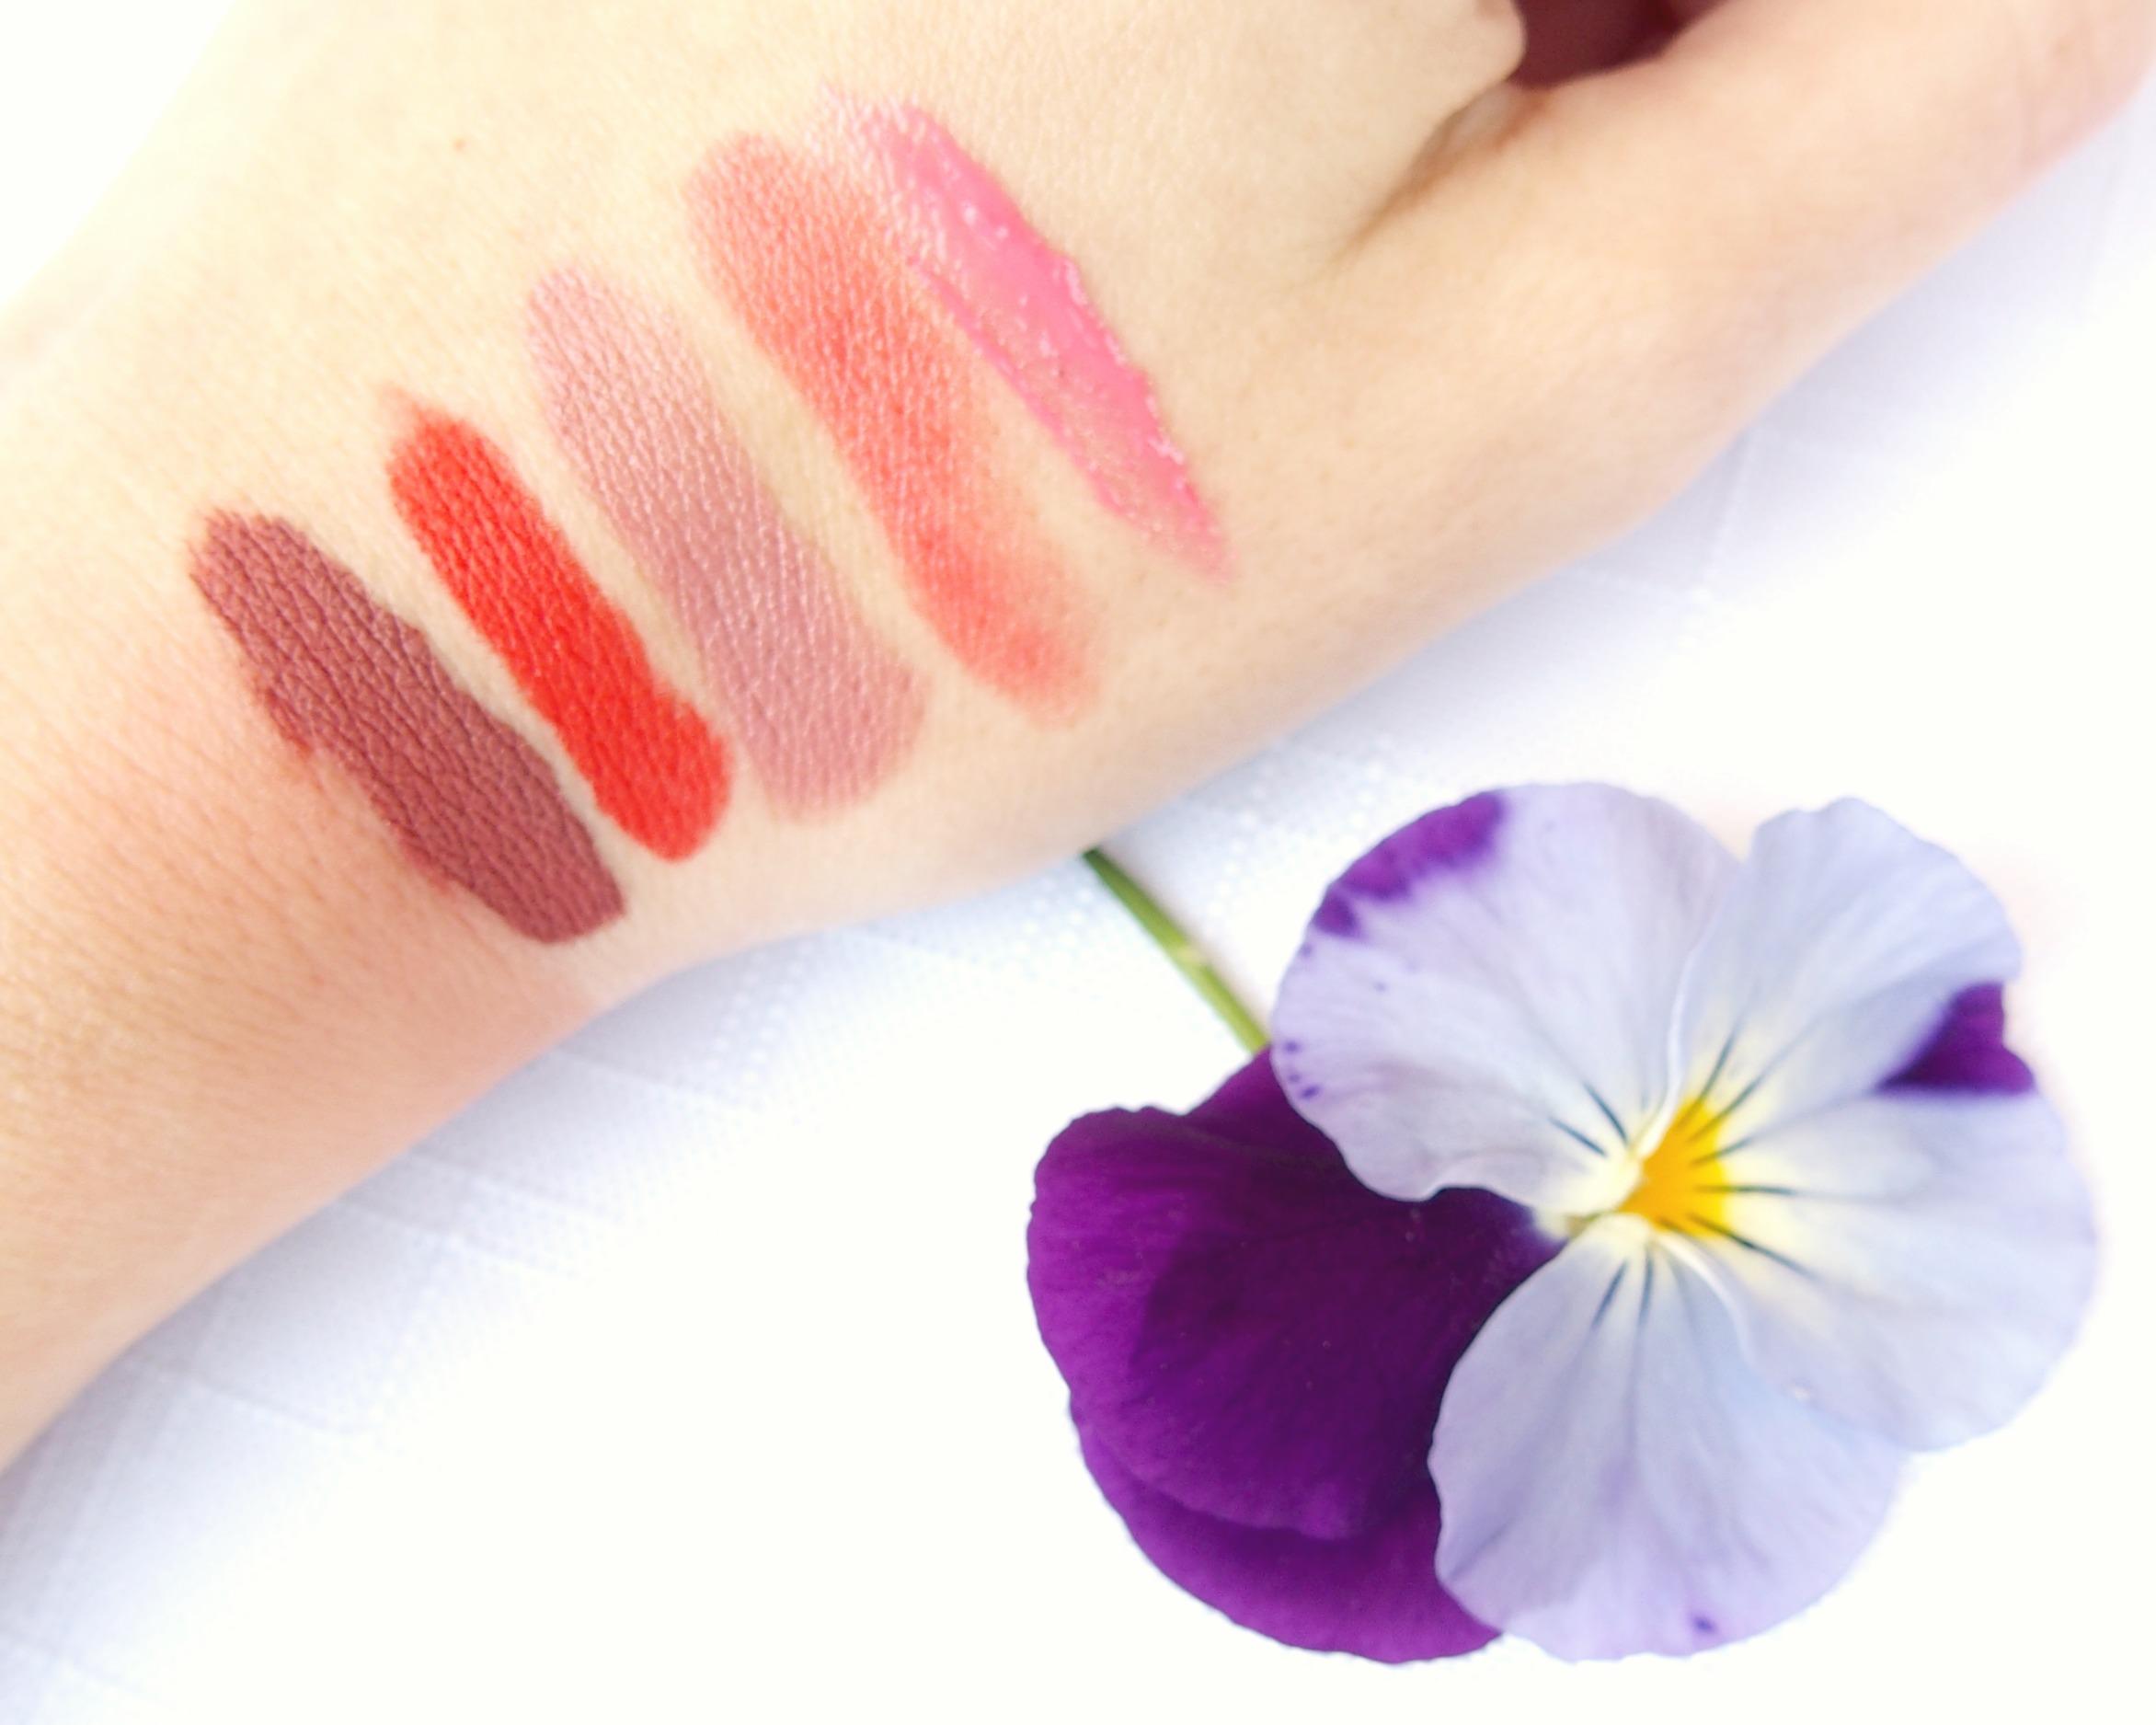 Rouges à lèvres - ChestnutsandPeonies